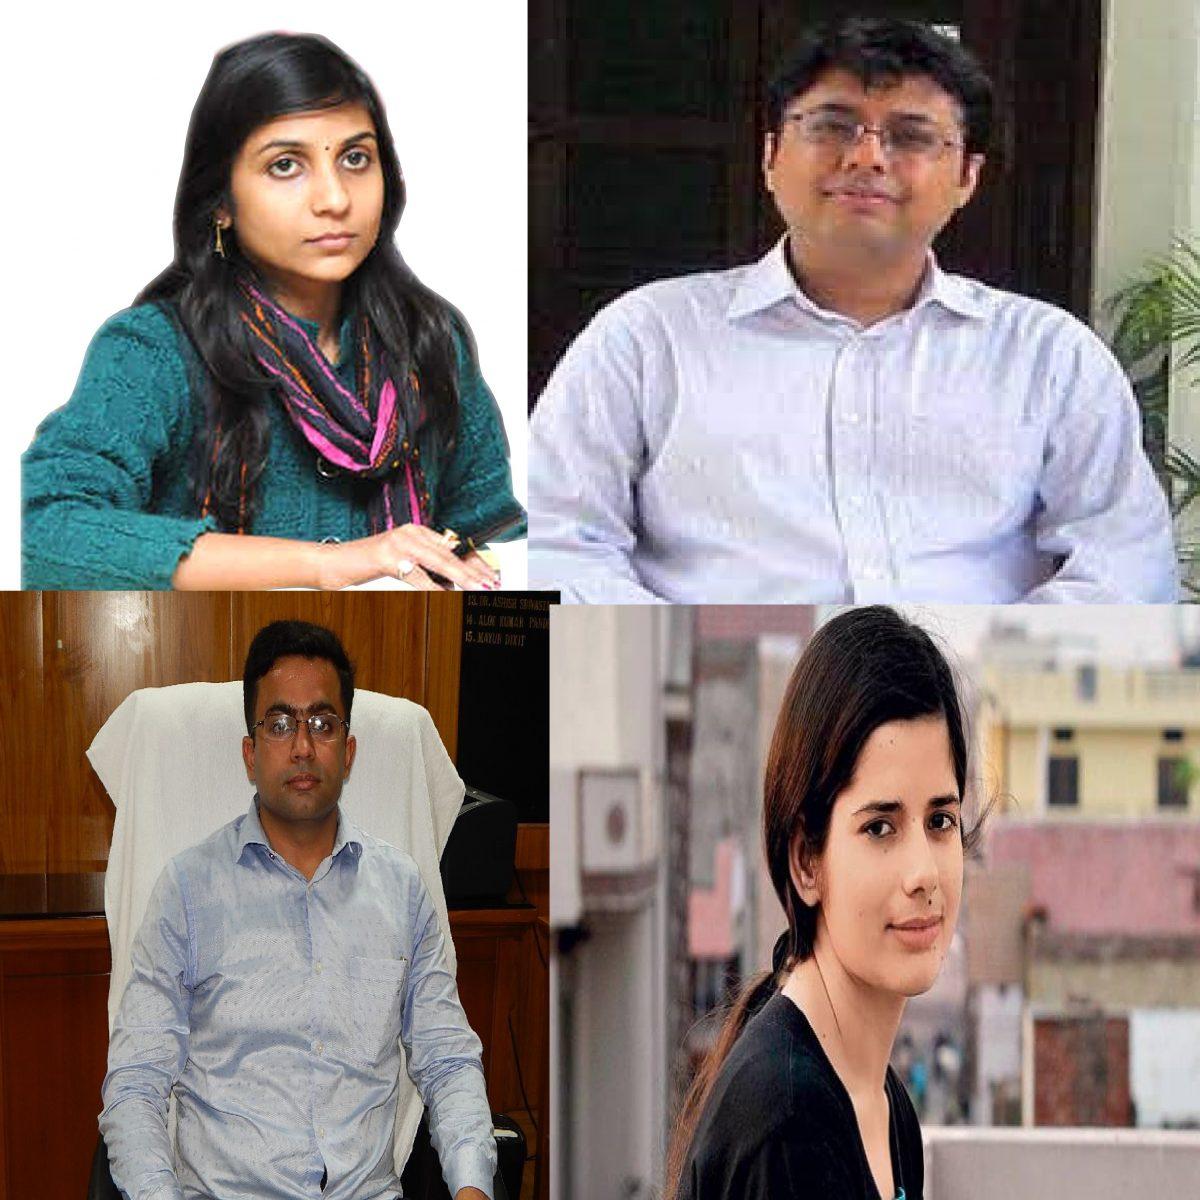 उत्तराखंड में 34 आईएएस अधिकारियों के तबादले, IAS नितिन भदोरिया,स्वाति भदौरिया,वंदना सिंह,हिमांशु खुराना को मिली नई जिम्मेदारी